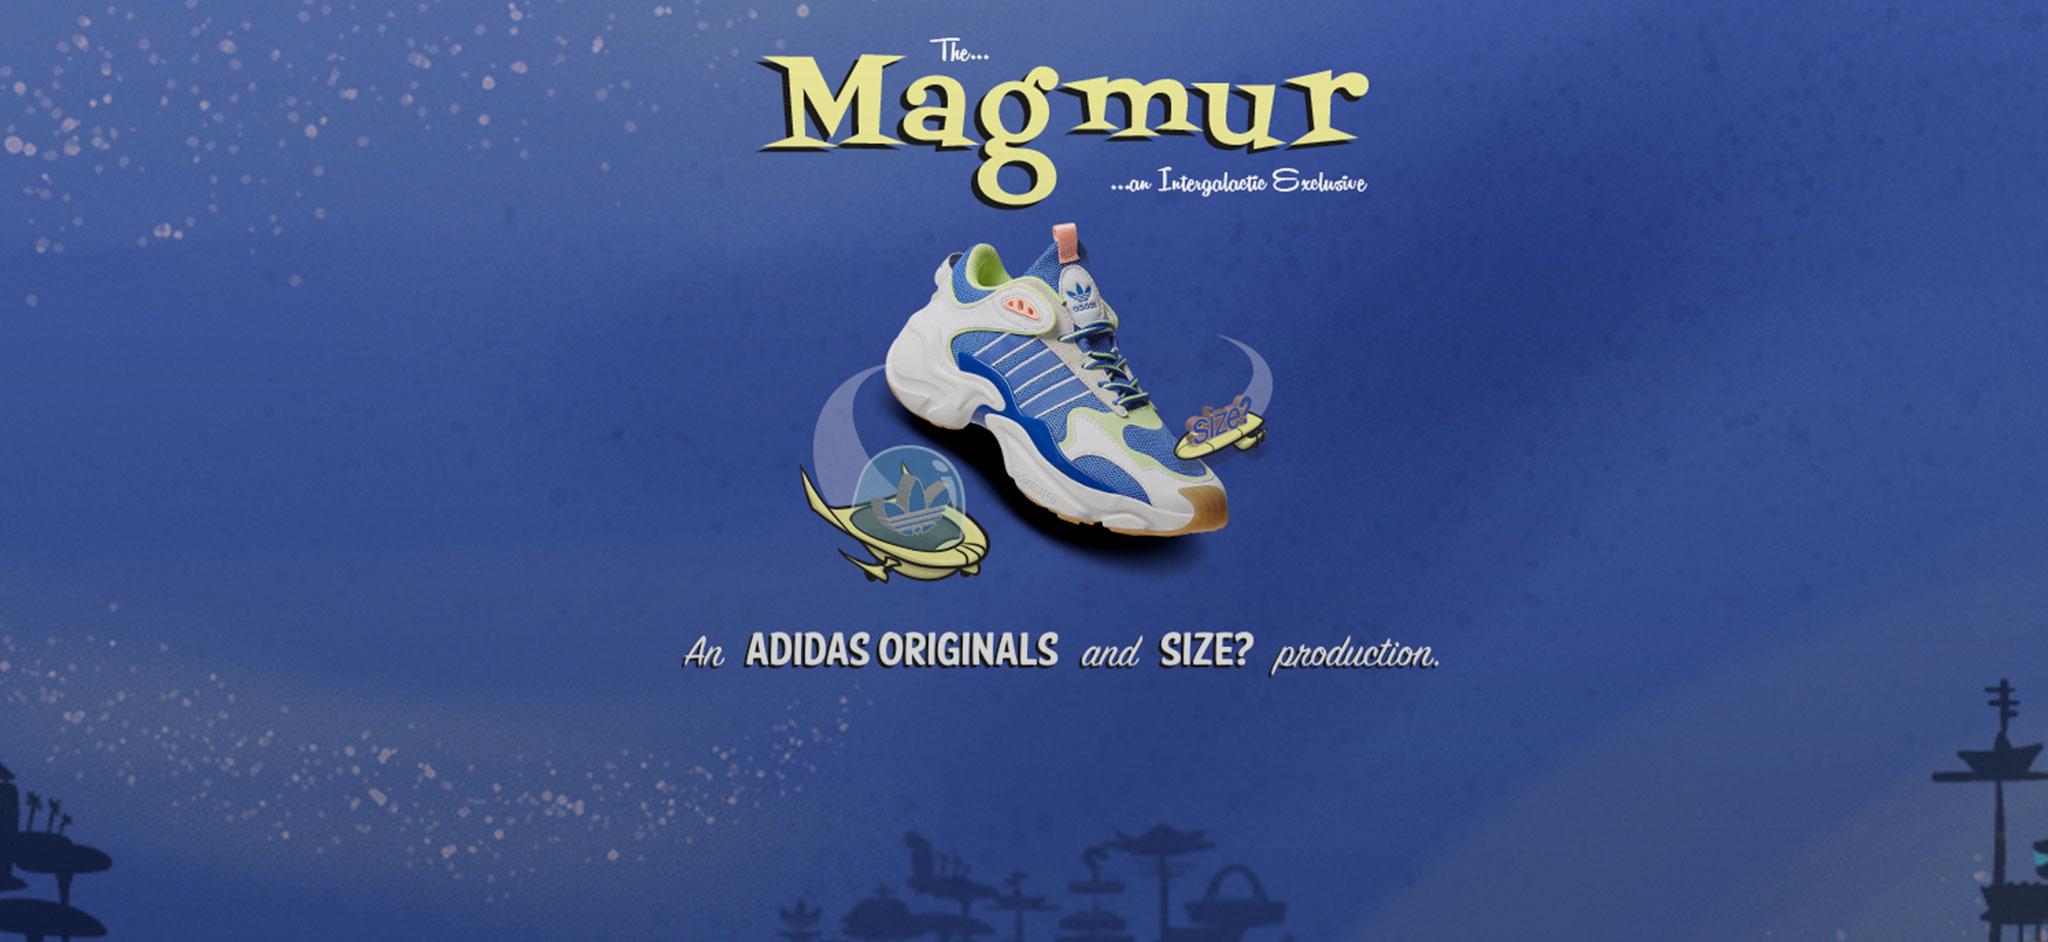 adidas Originals Magmur 'Venus' - size? Exclusive